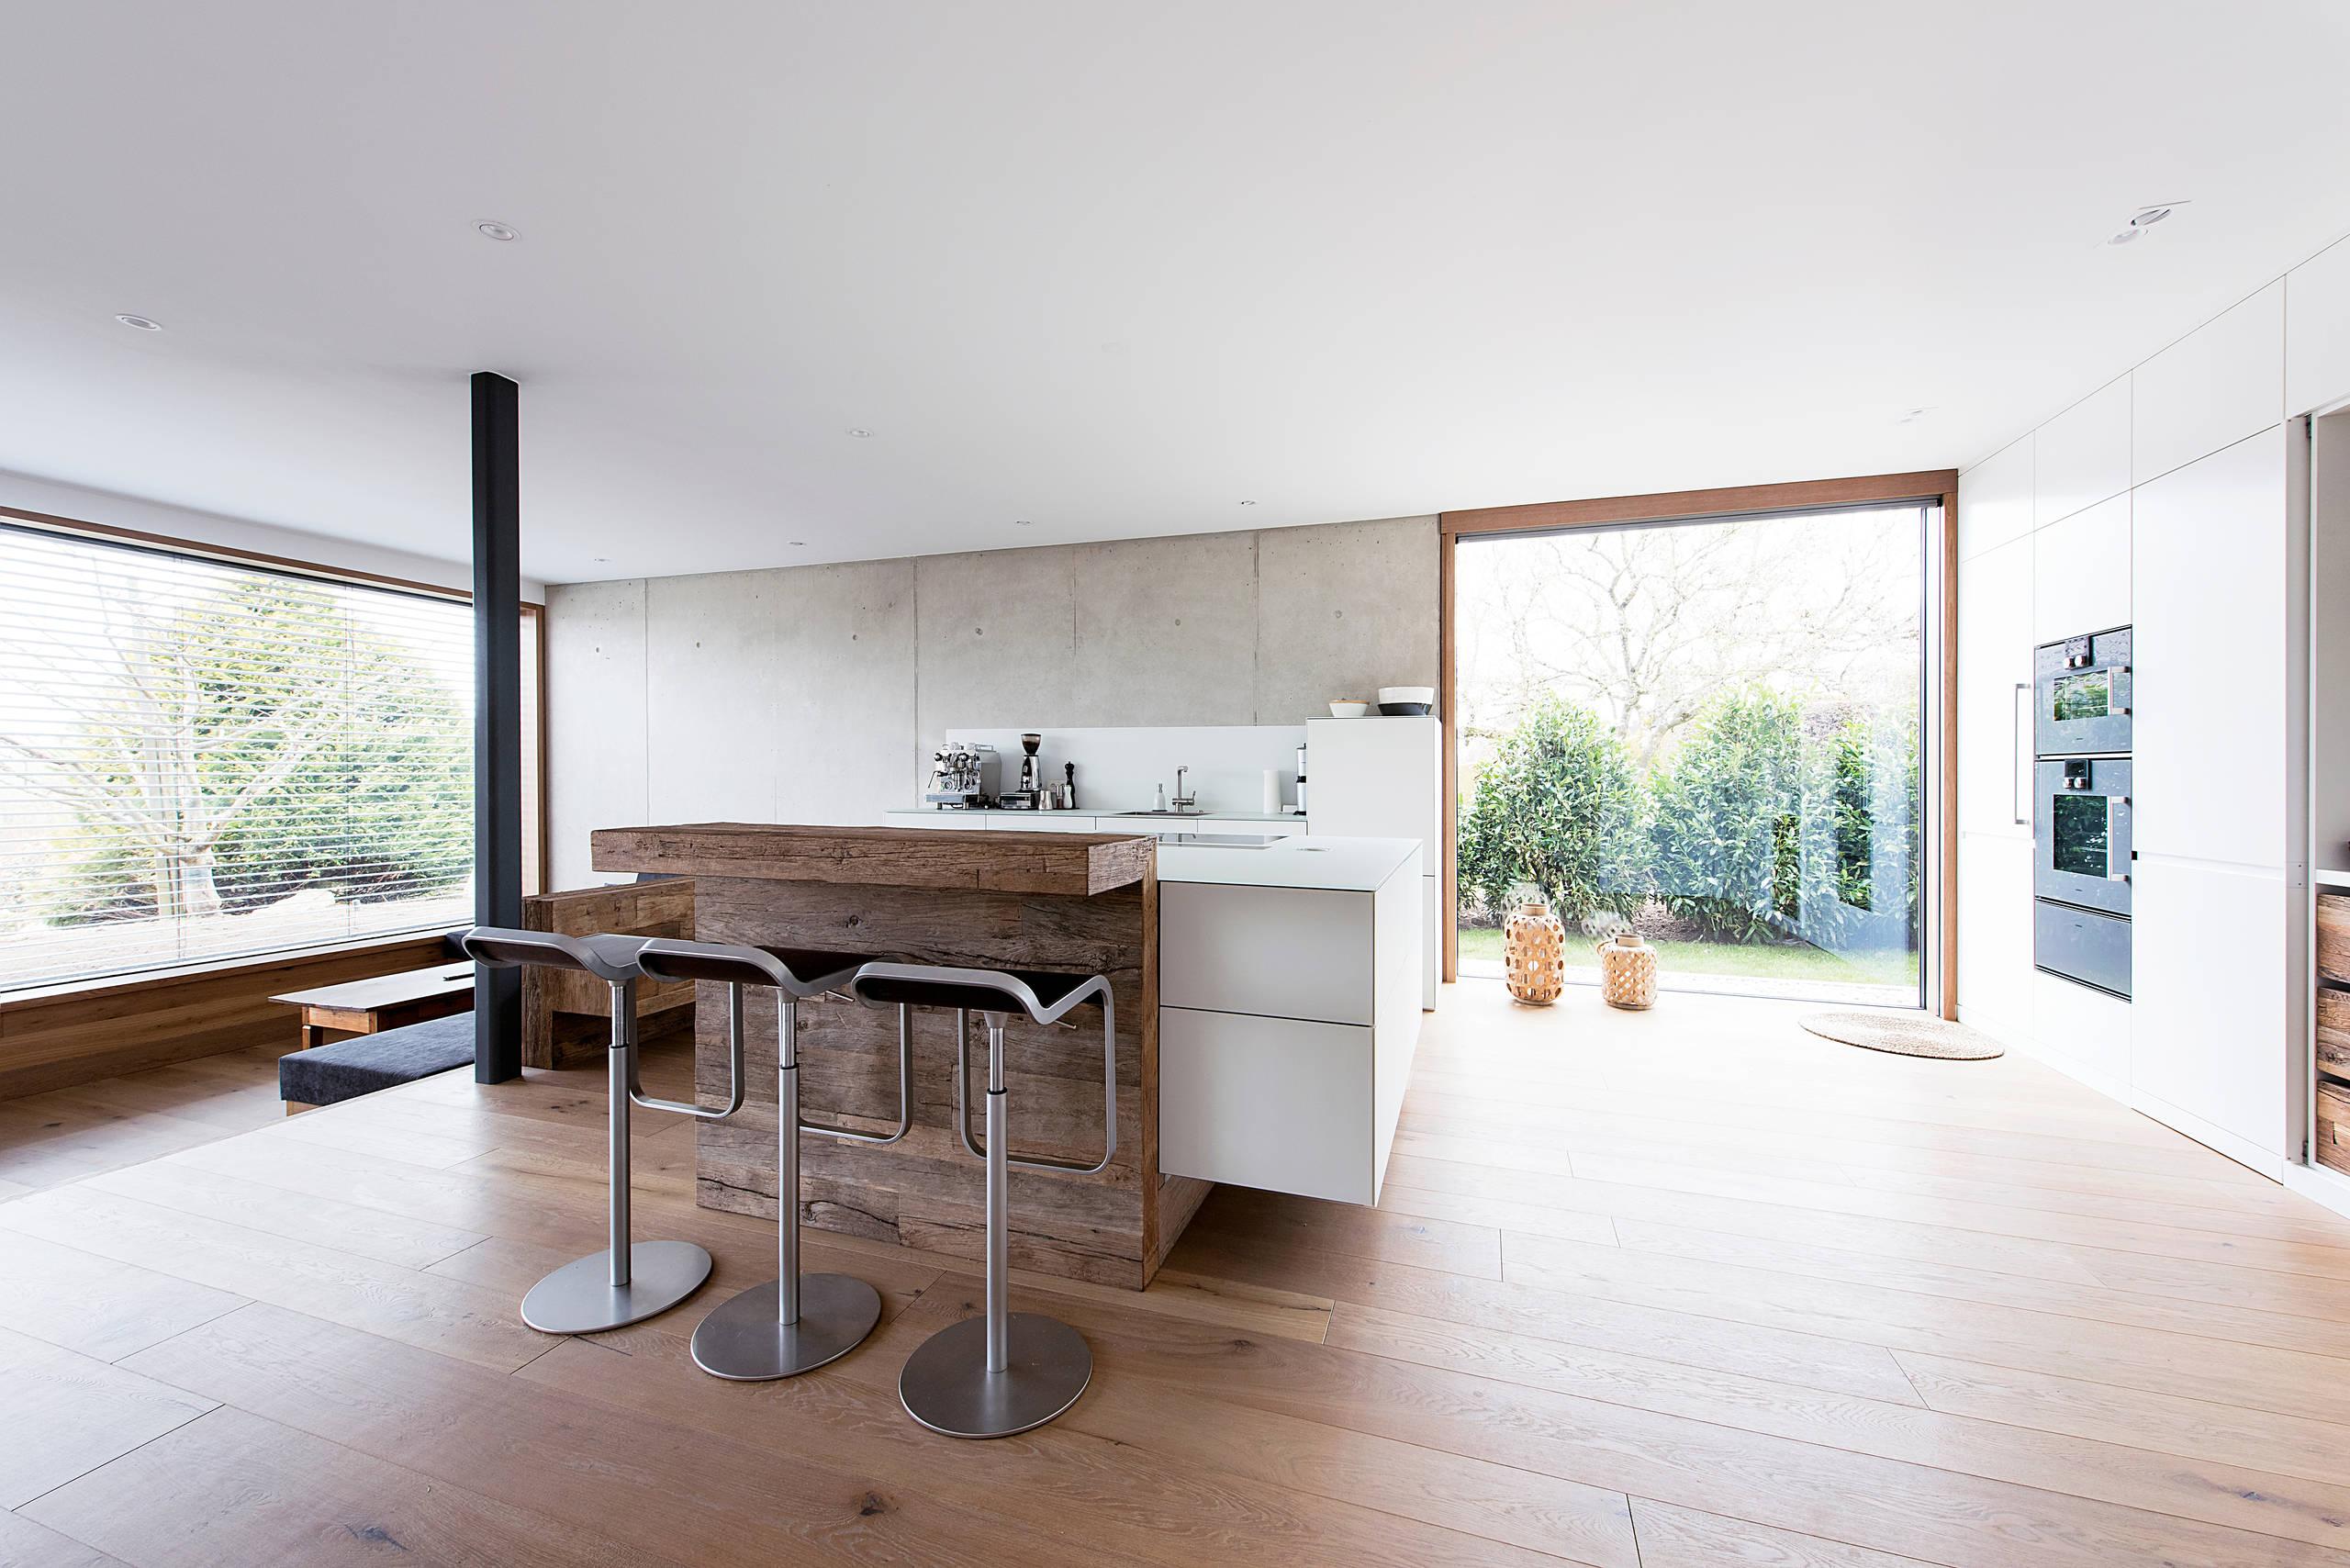 Bayrische Küche nach Maß – mit Altholz und cleveren Verstecken